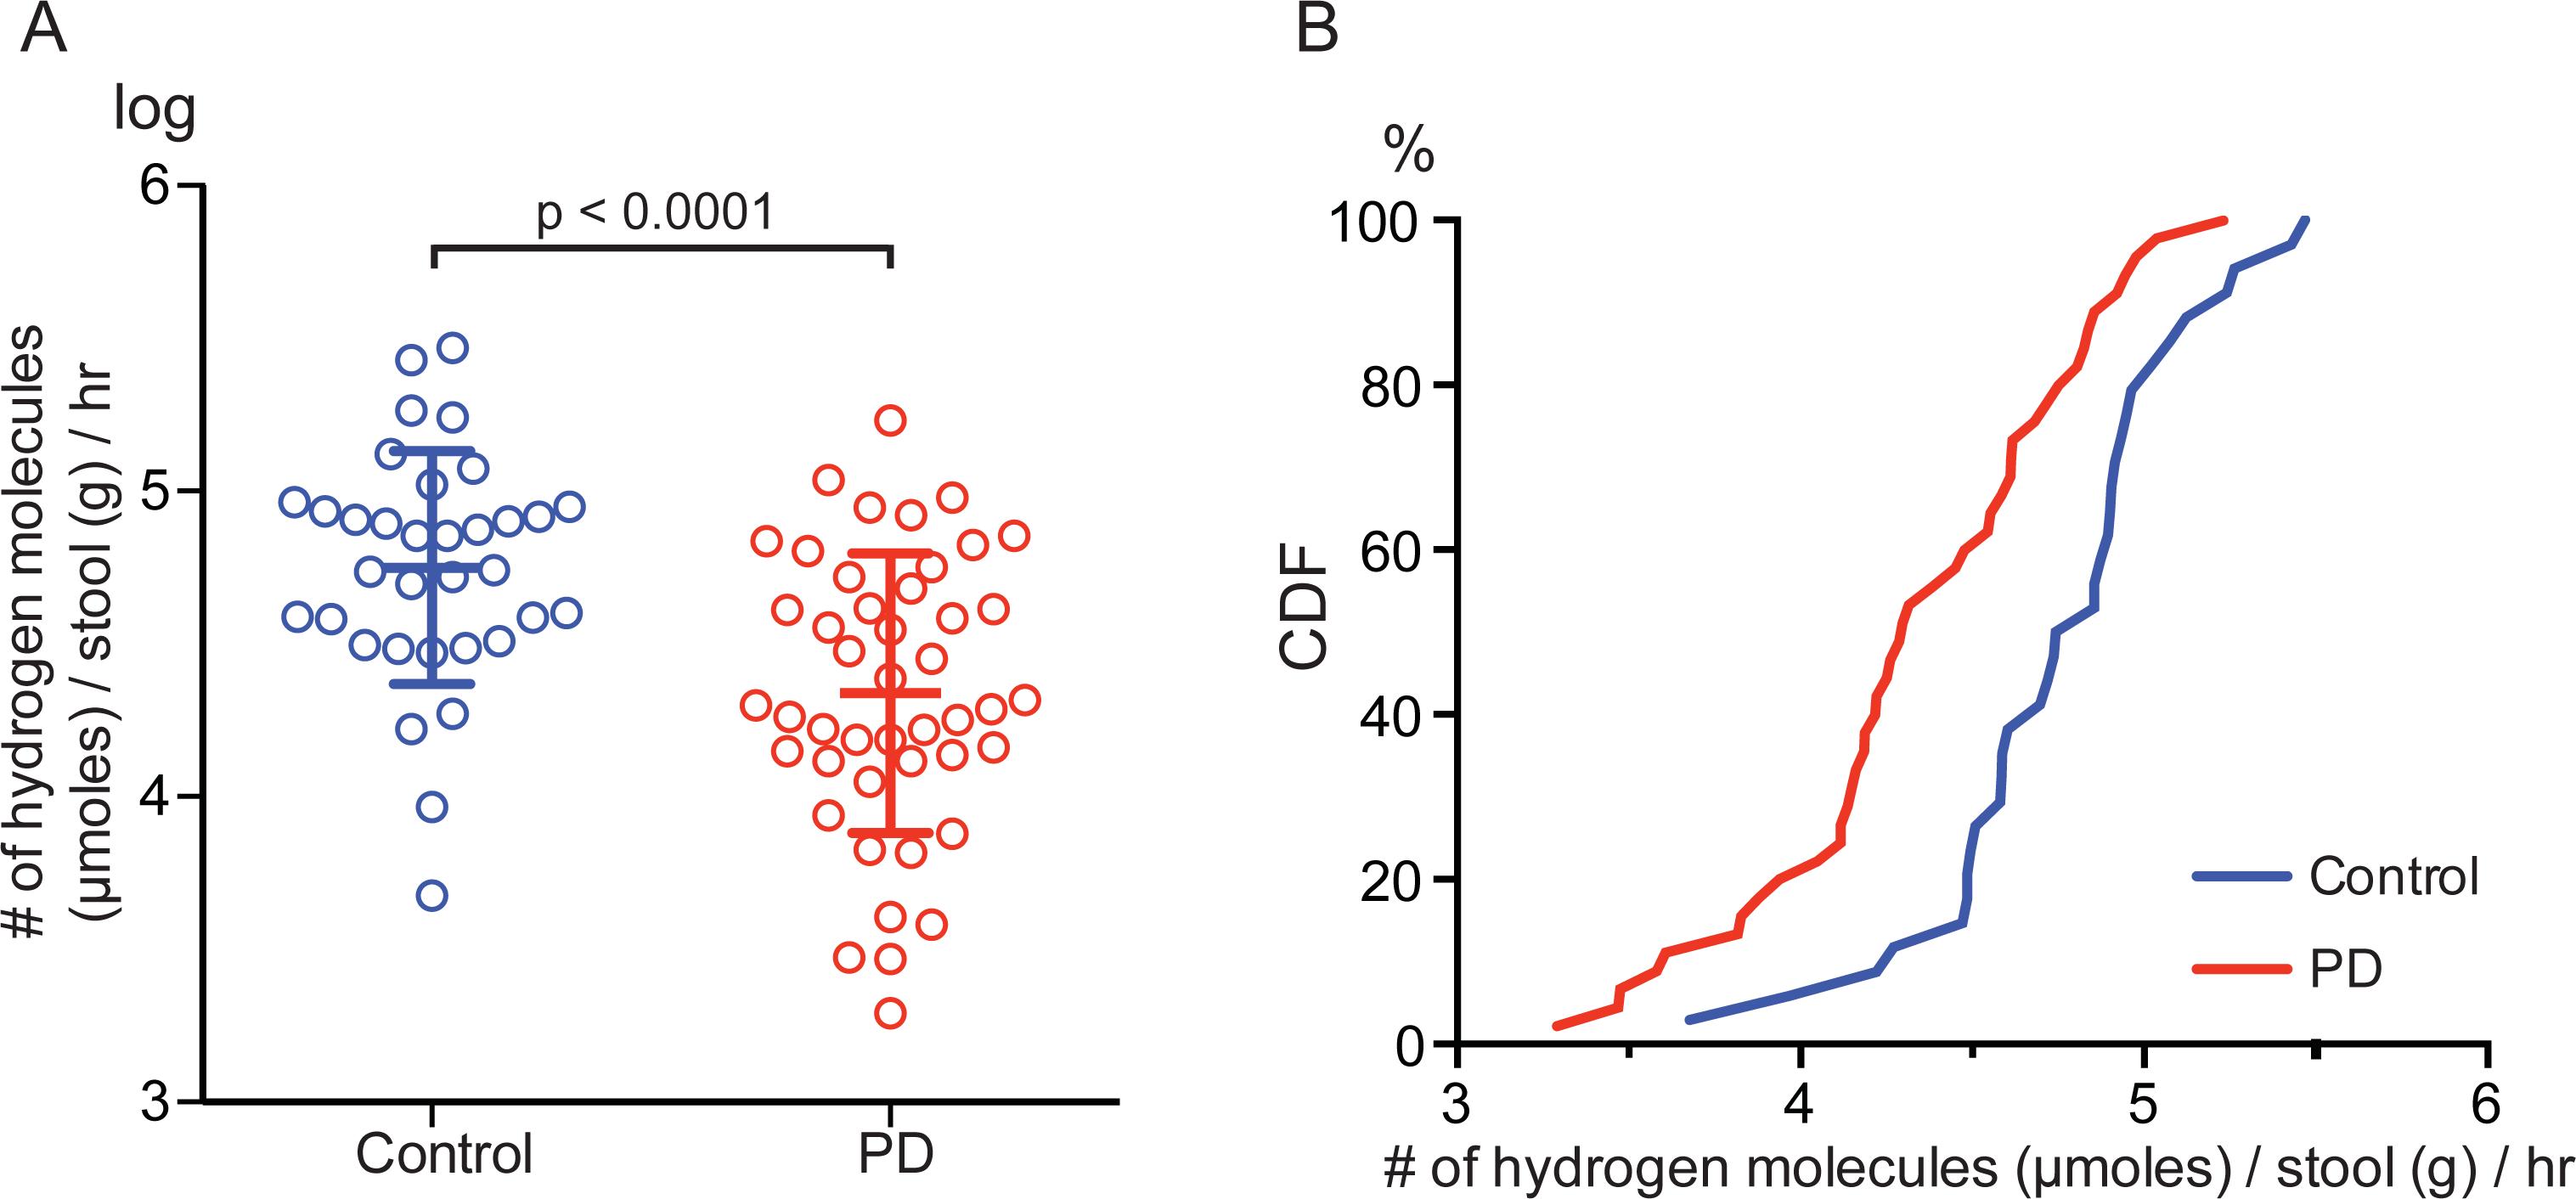 評估腸道產氫能力與帕金森氏症關係